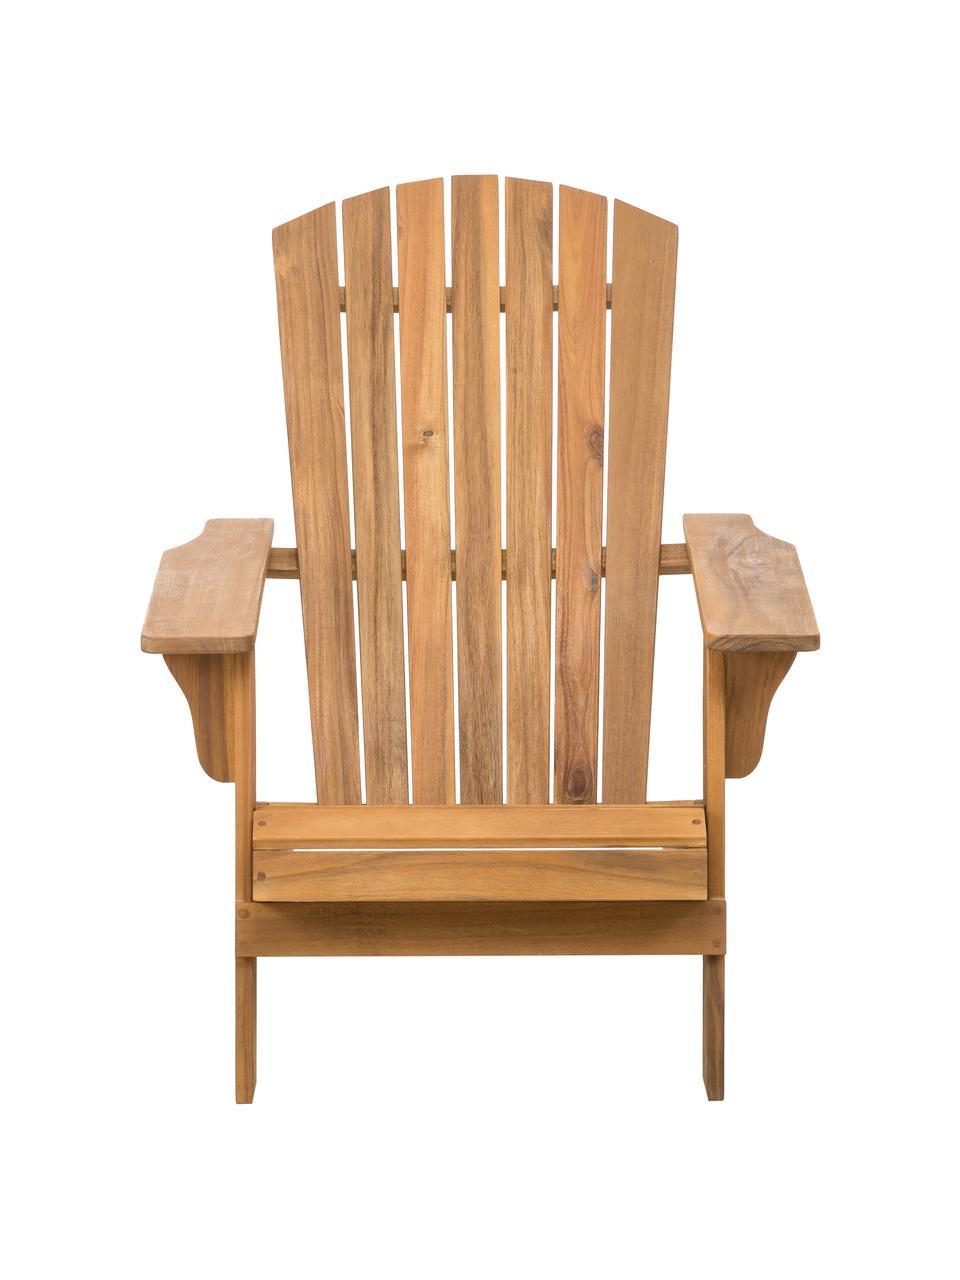 Fotel ogrodowy Charlie, Lite drewno akacjowe, olejowane, Brązowy, S 93 x G 74 cm